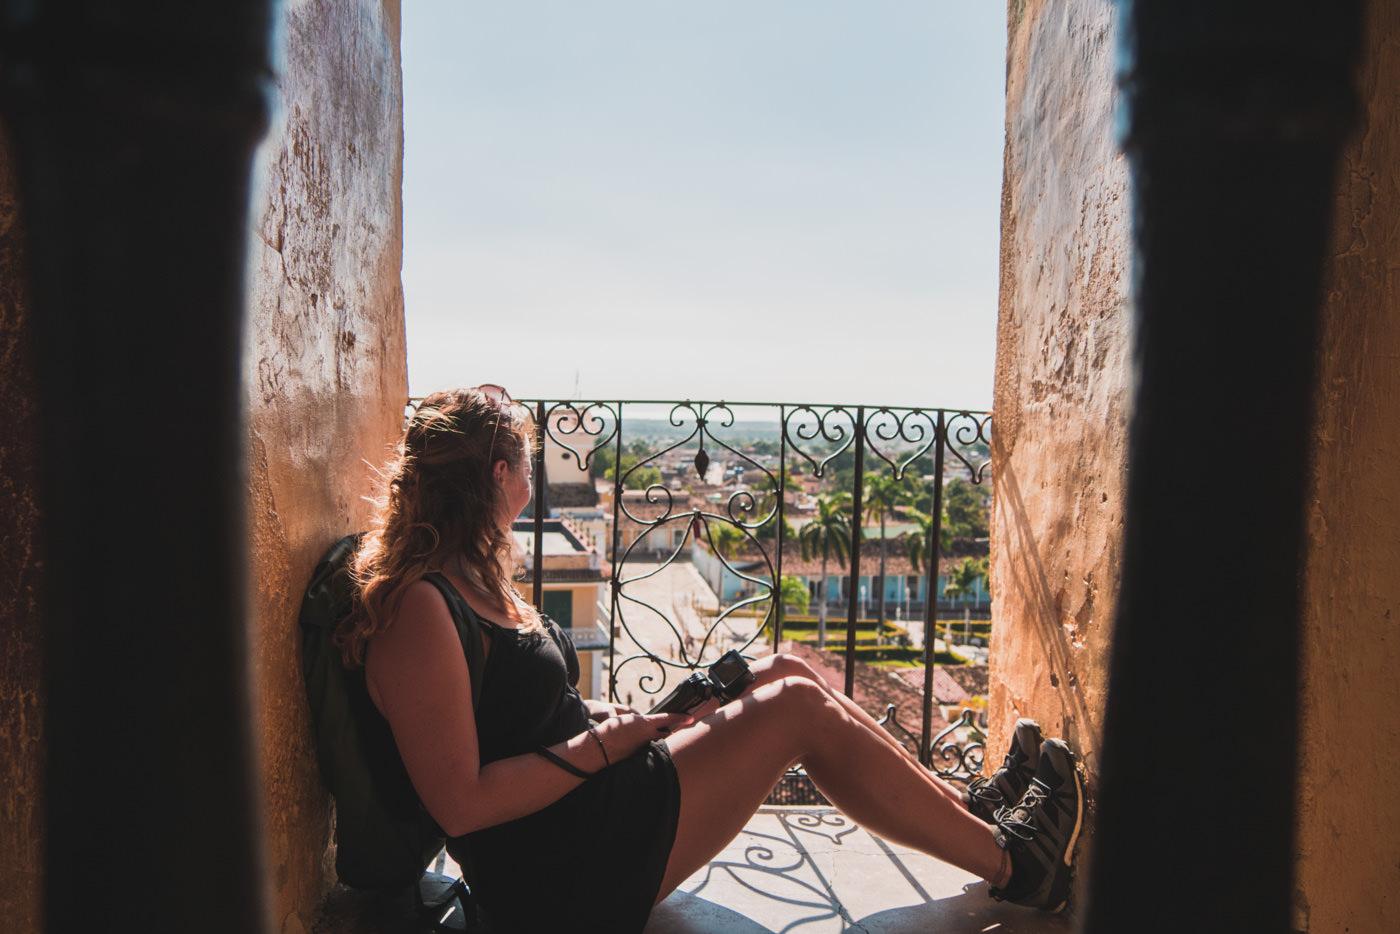 Julia über den Dächern Trinidads im Aussichtsturm